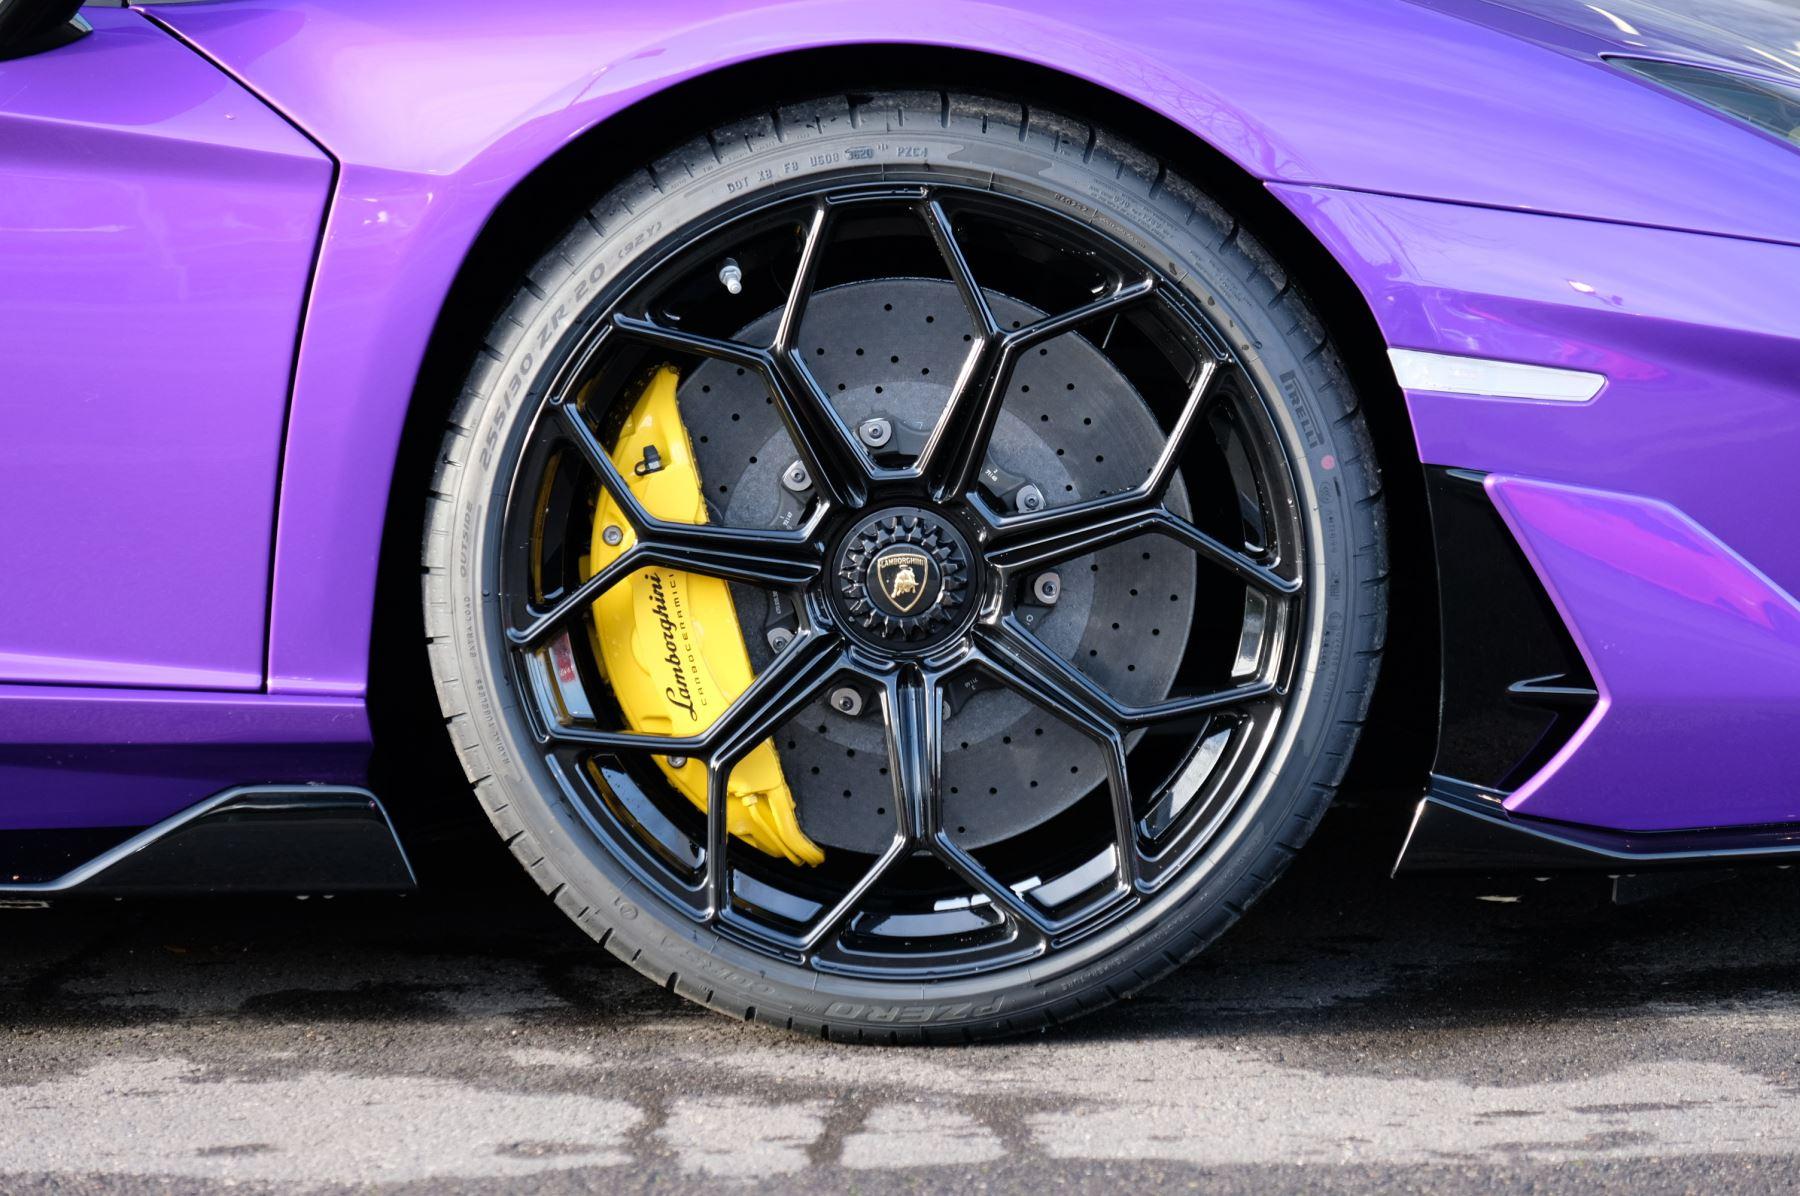 Lamborghini Aventador SVJ Coupe LP 770-4 ISR image 9